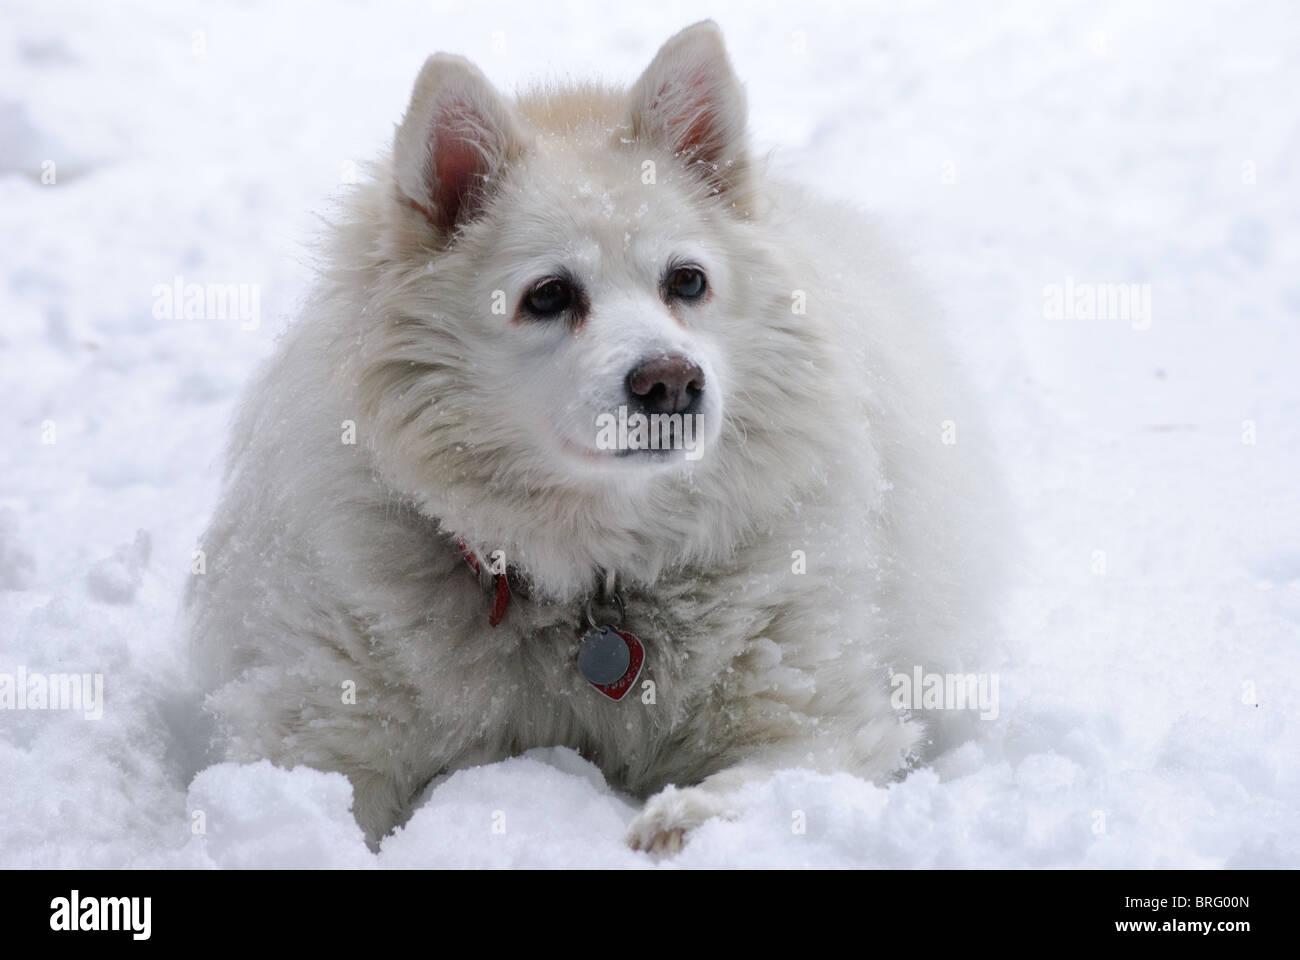 Un livre blanc American Eskimo Dog semble calme et paisible dans la neige Banque D'Images